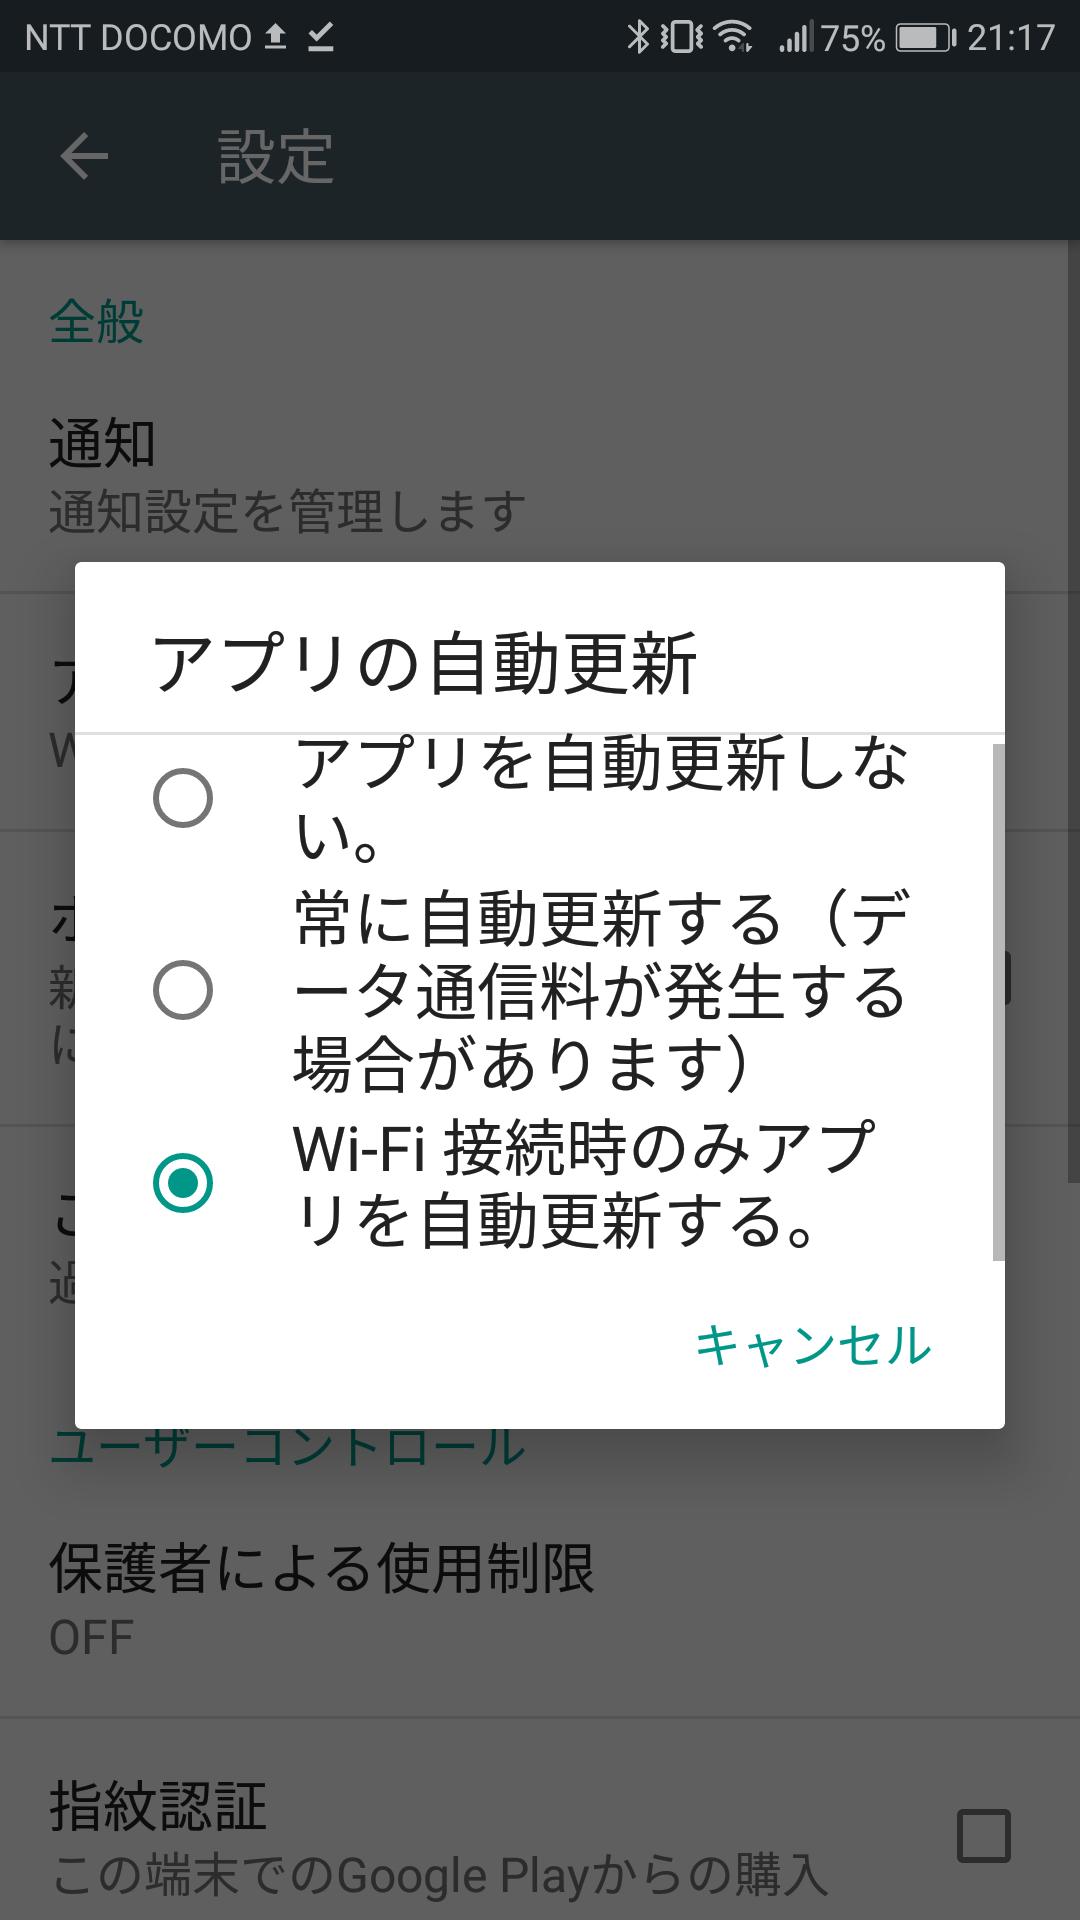 ここで、[Wi-Fi接続時のみアプリを自動更新する]や[アプリを自動更新しない]という選択ができる